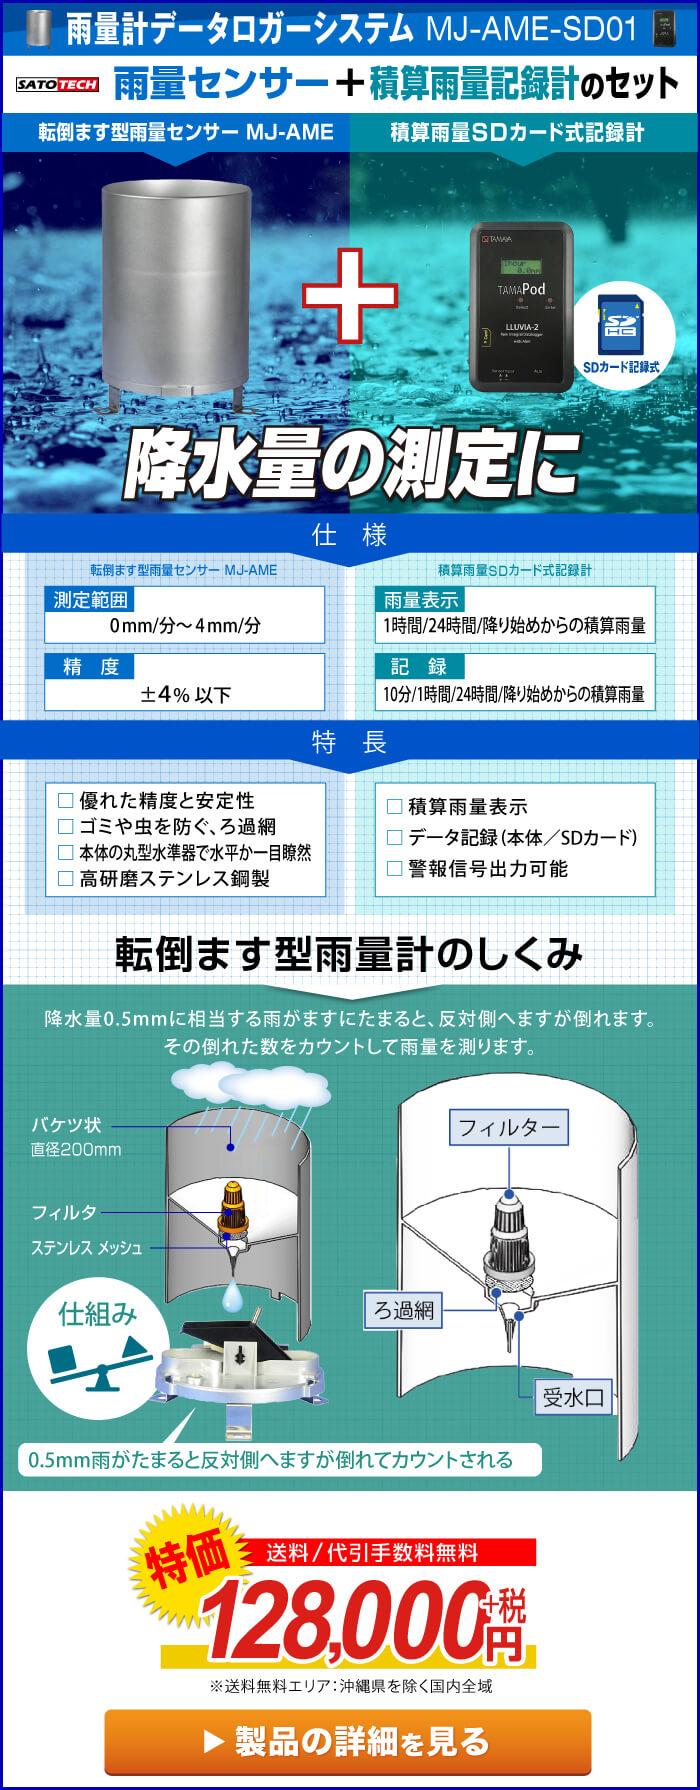 雨量計データロガーシステム MJ-AME-SD01